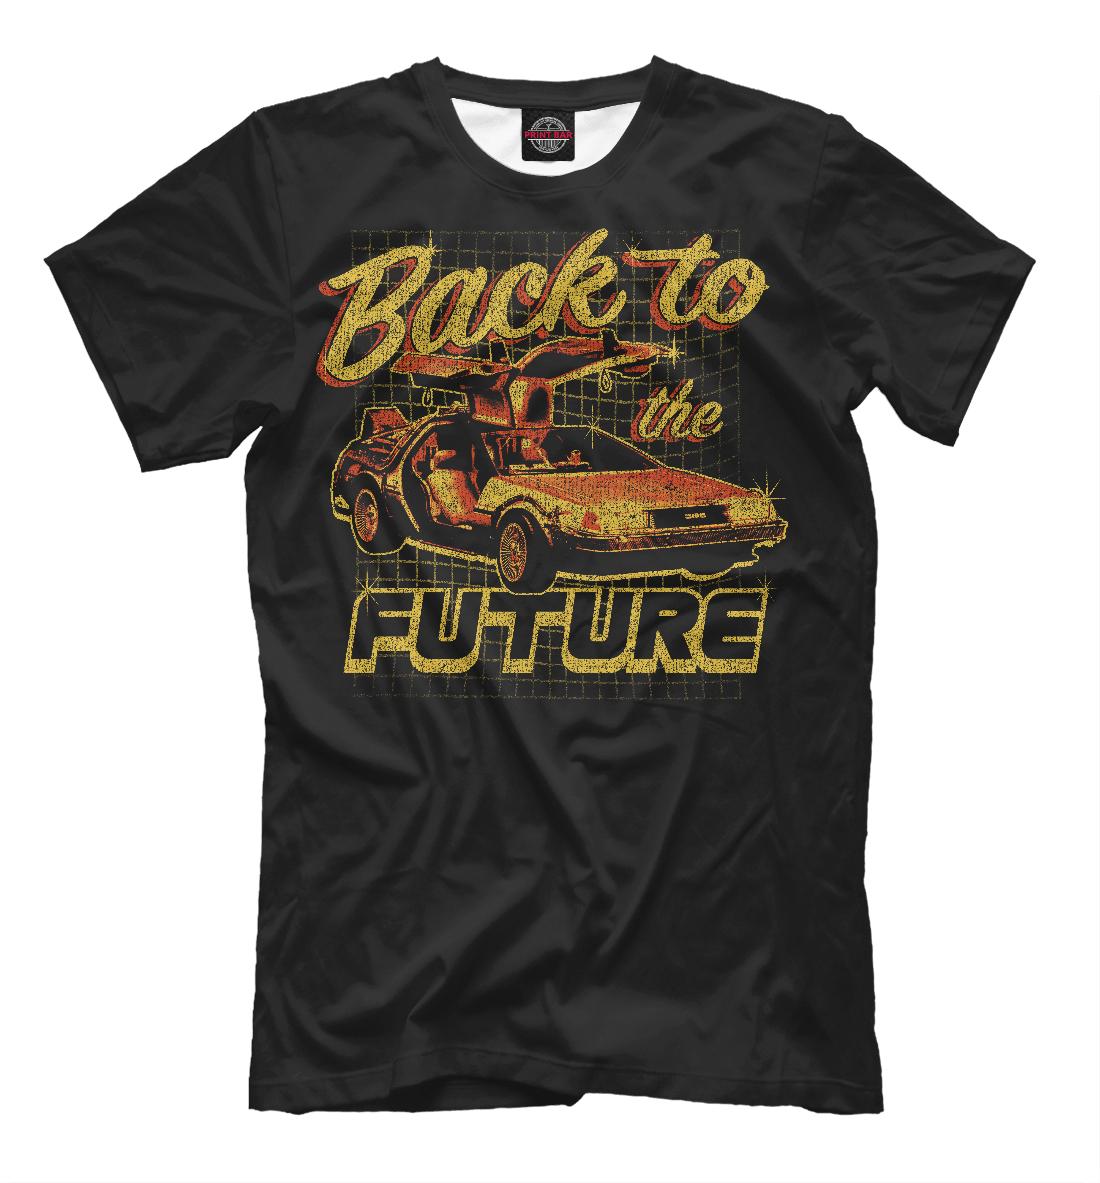 Купить Назад в будущее, Printbar, Футболки, KNO-142460-fut-2